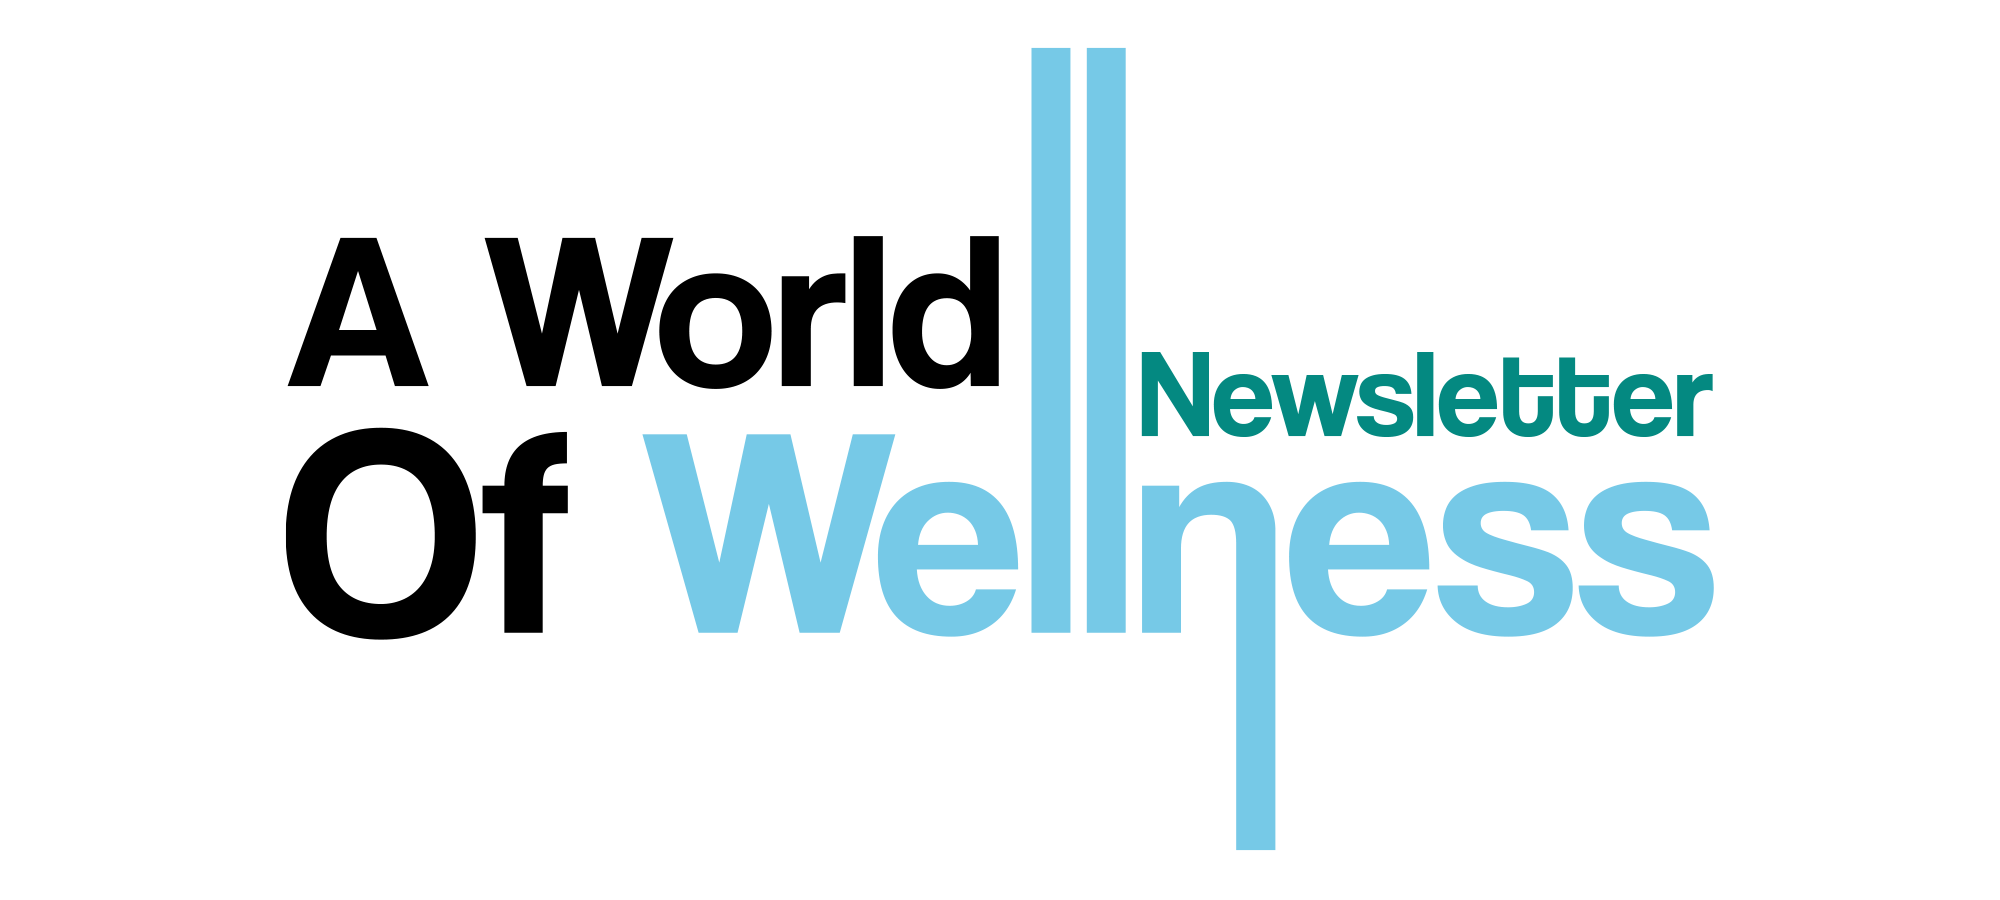 A world of wellness newsletter